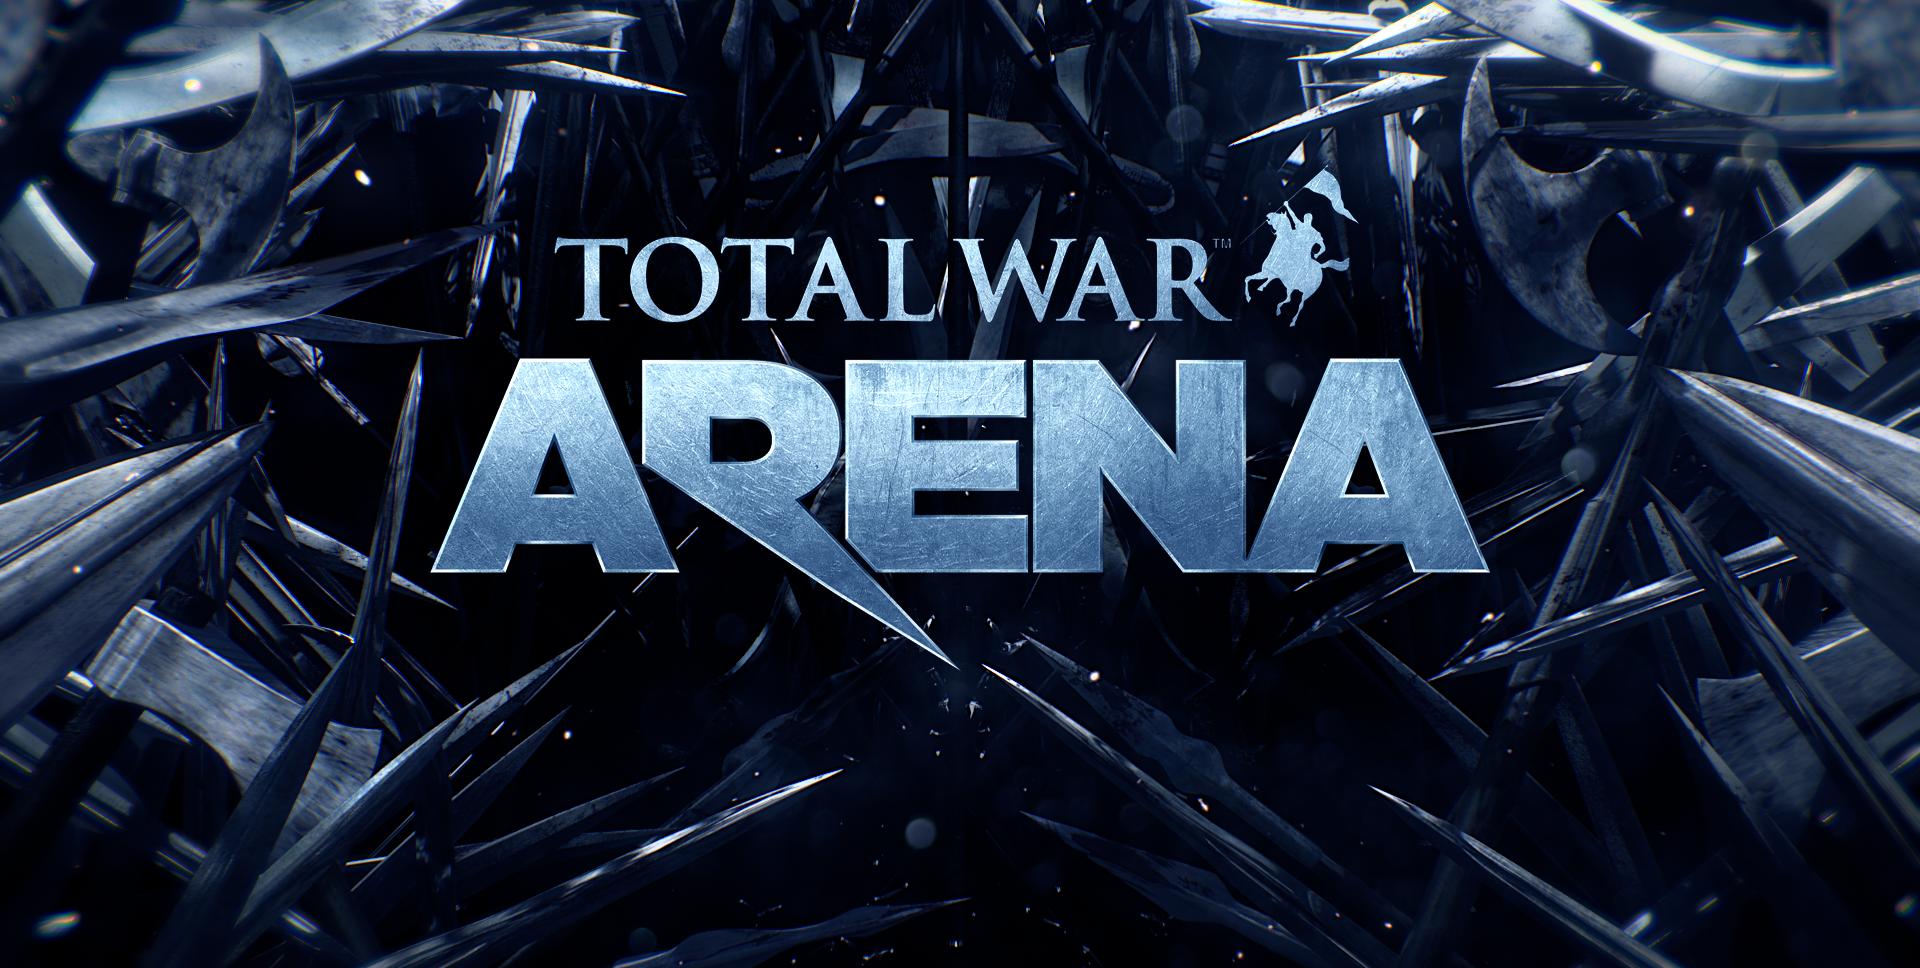 Total War: Arena wallpaper 1